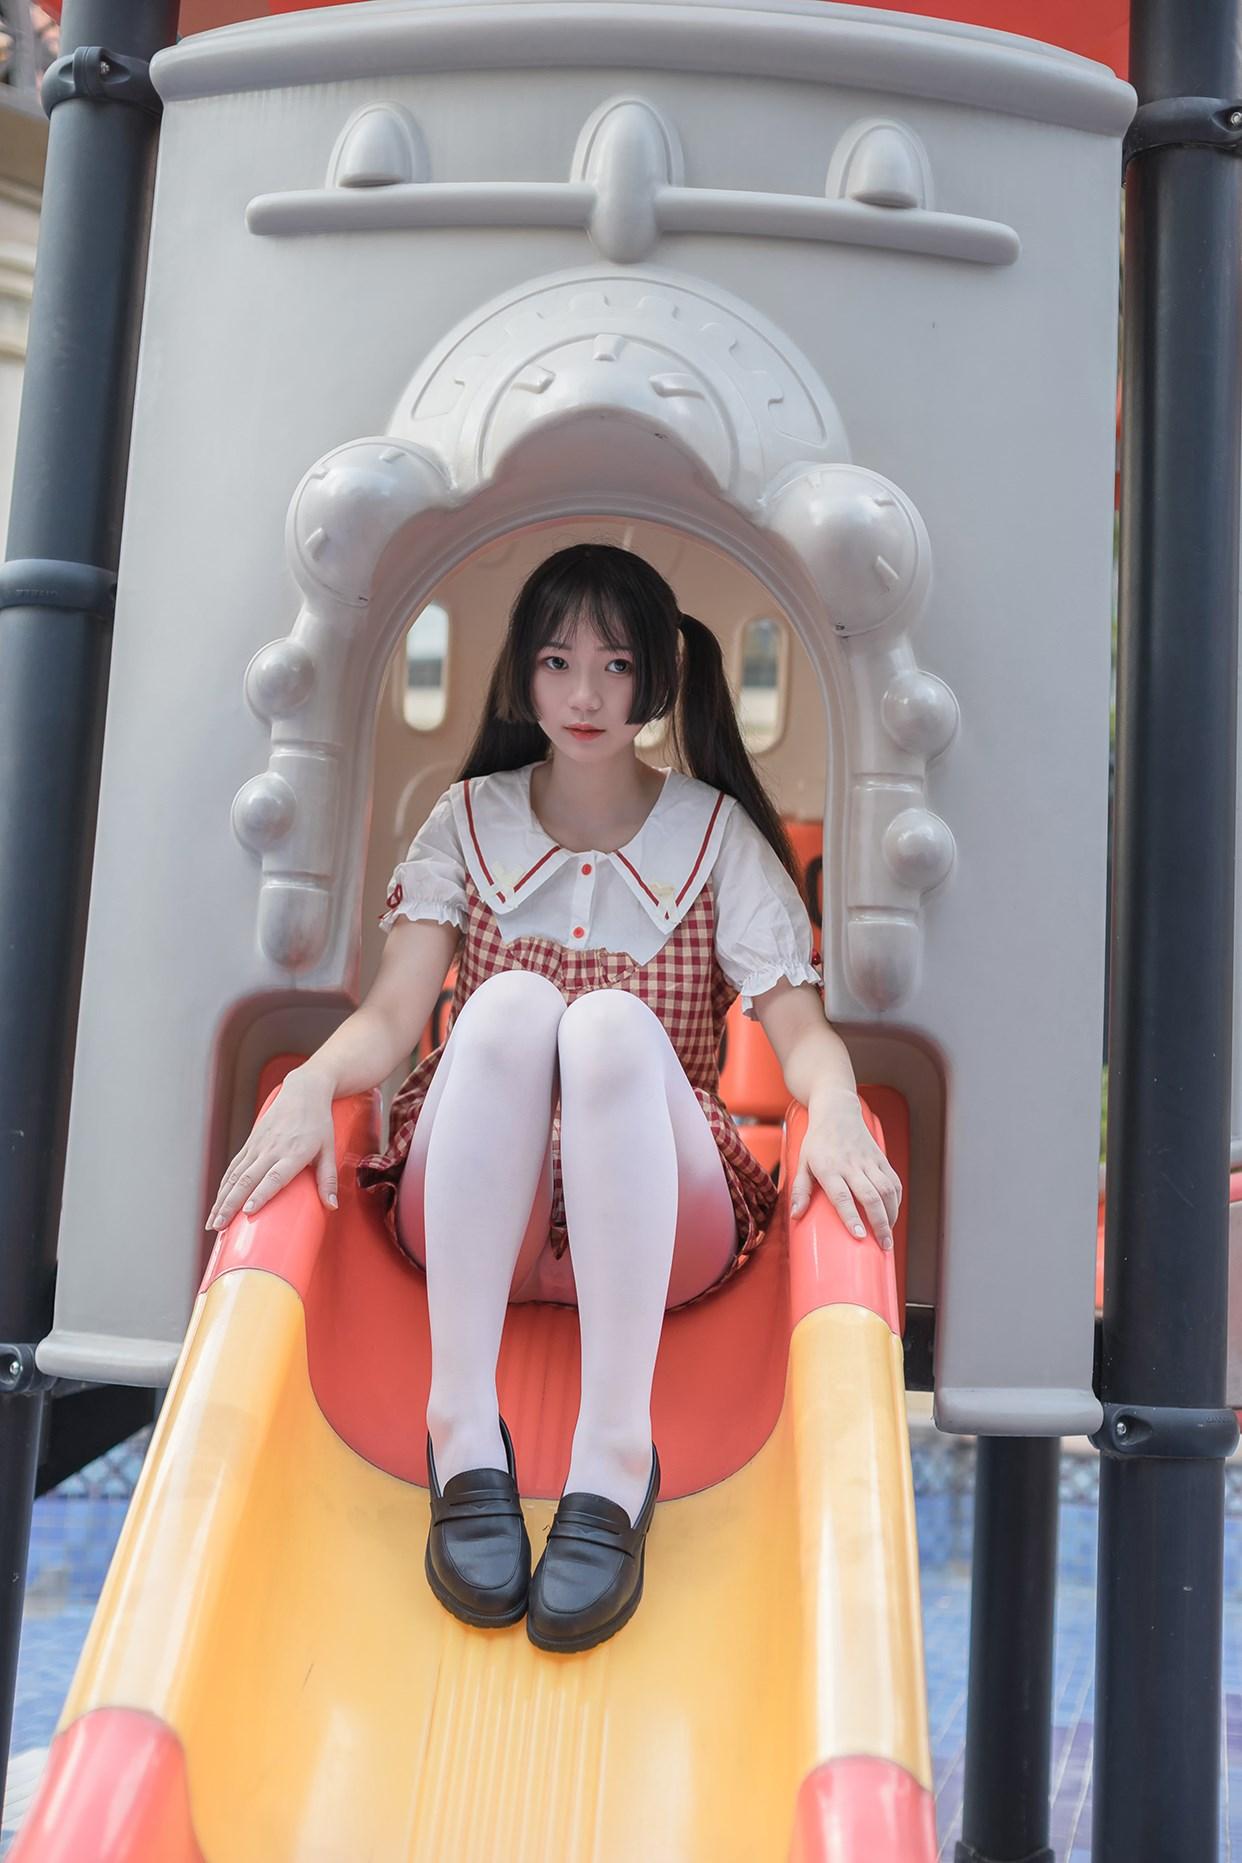 【兔玩映画】萝莉的白丝袜 兔玩映画 第39张